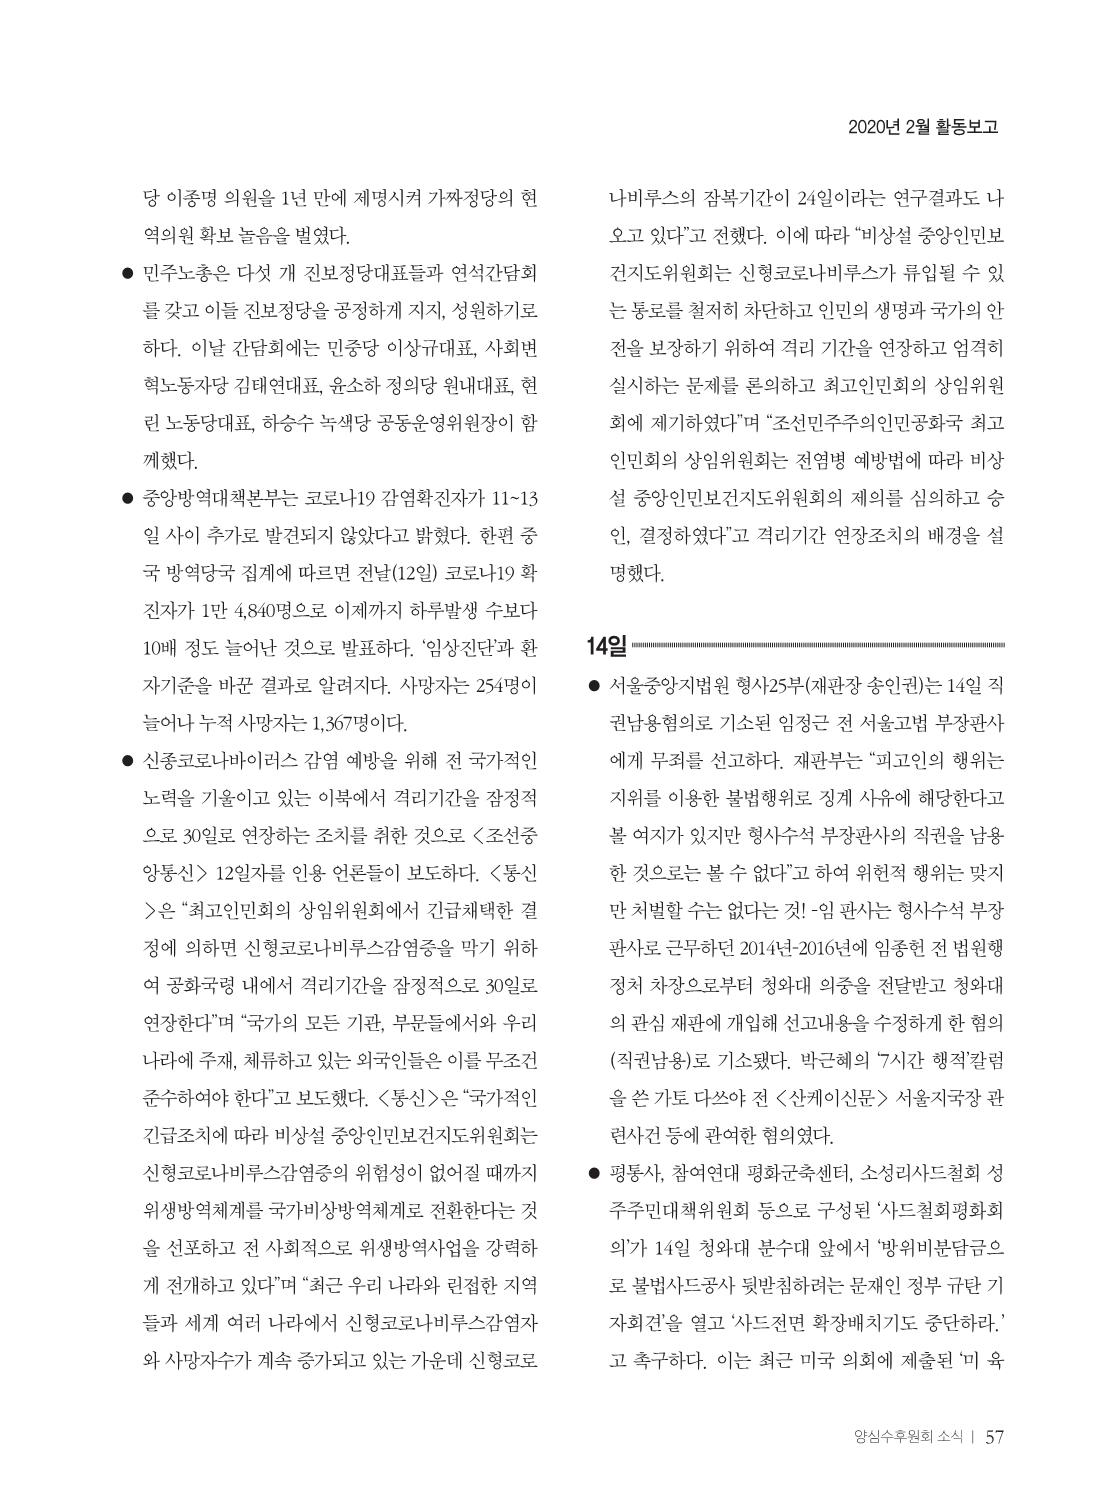 45cfe4c7-a26e-4b55-9dc7-306310e81365.pdf-0059.jpg